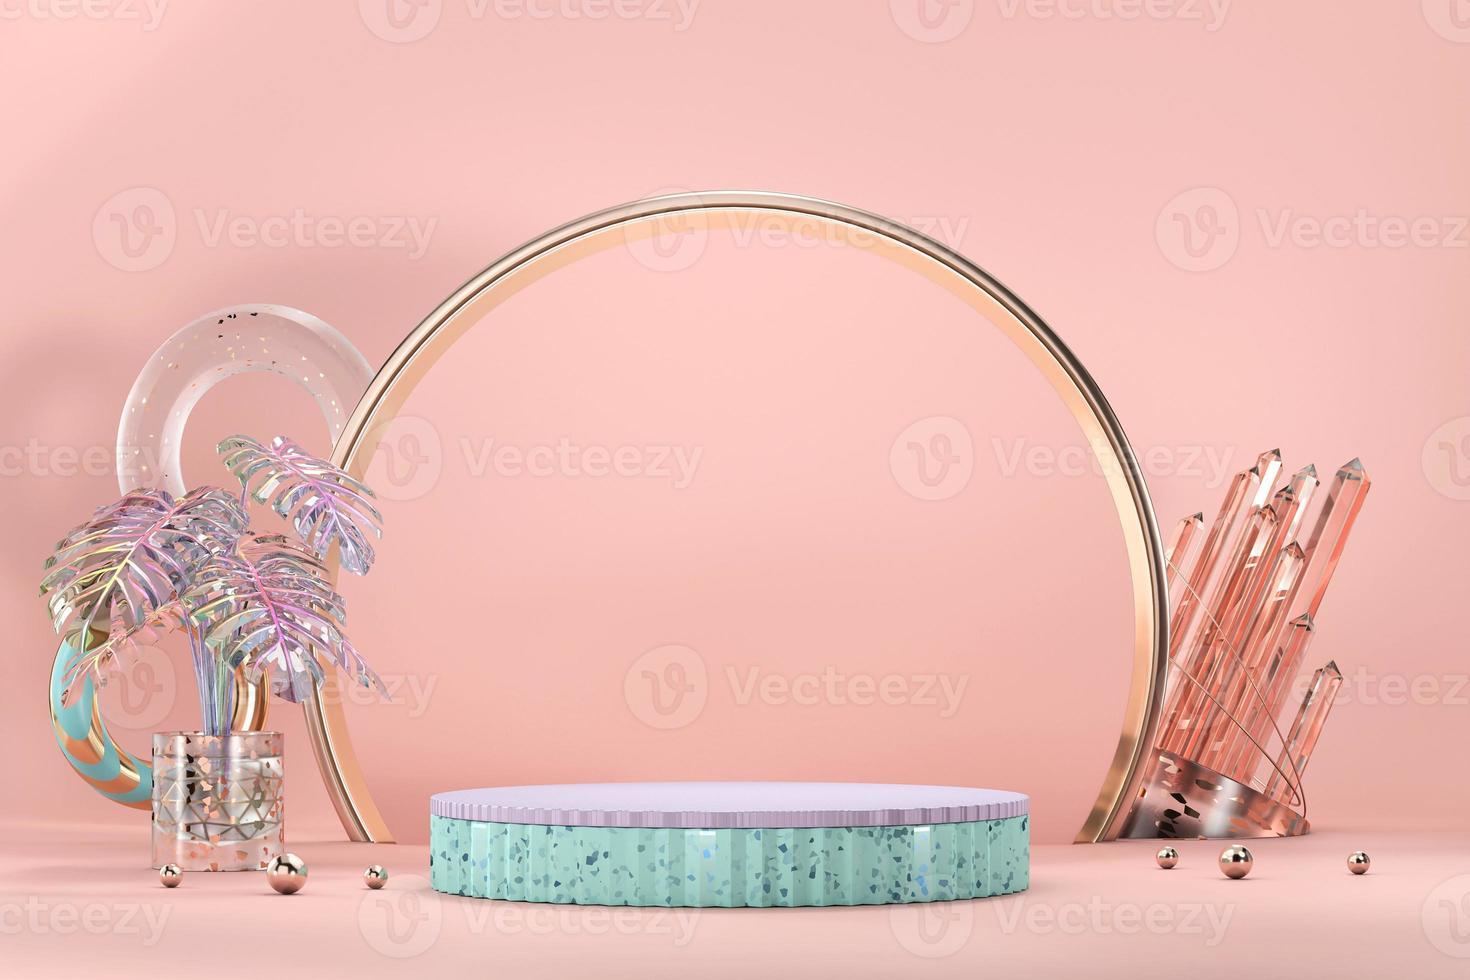 pódio para vitrine de exibição de produtos com vaso monstera e decoração de cristal, renderização em 3D foto